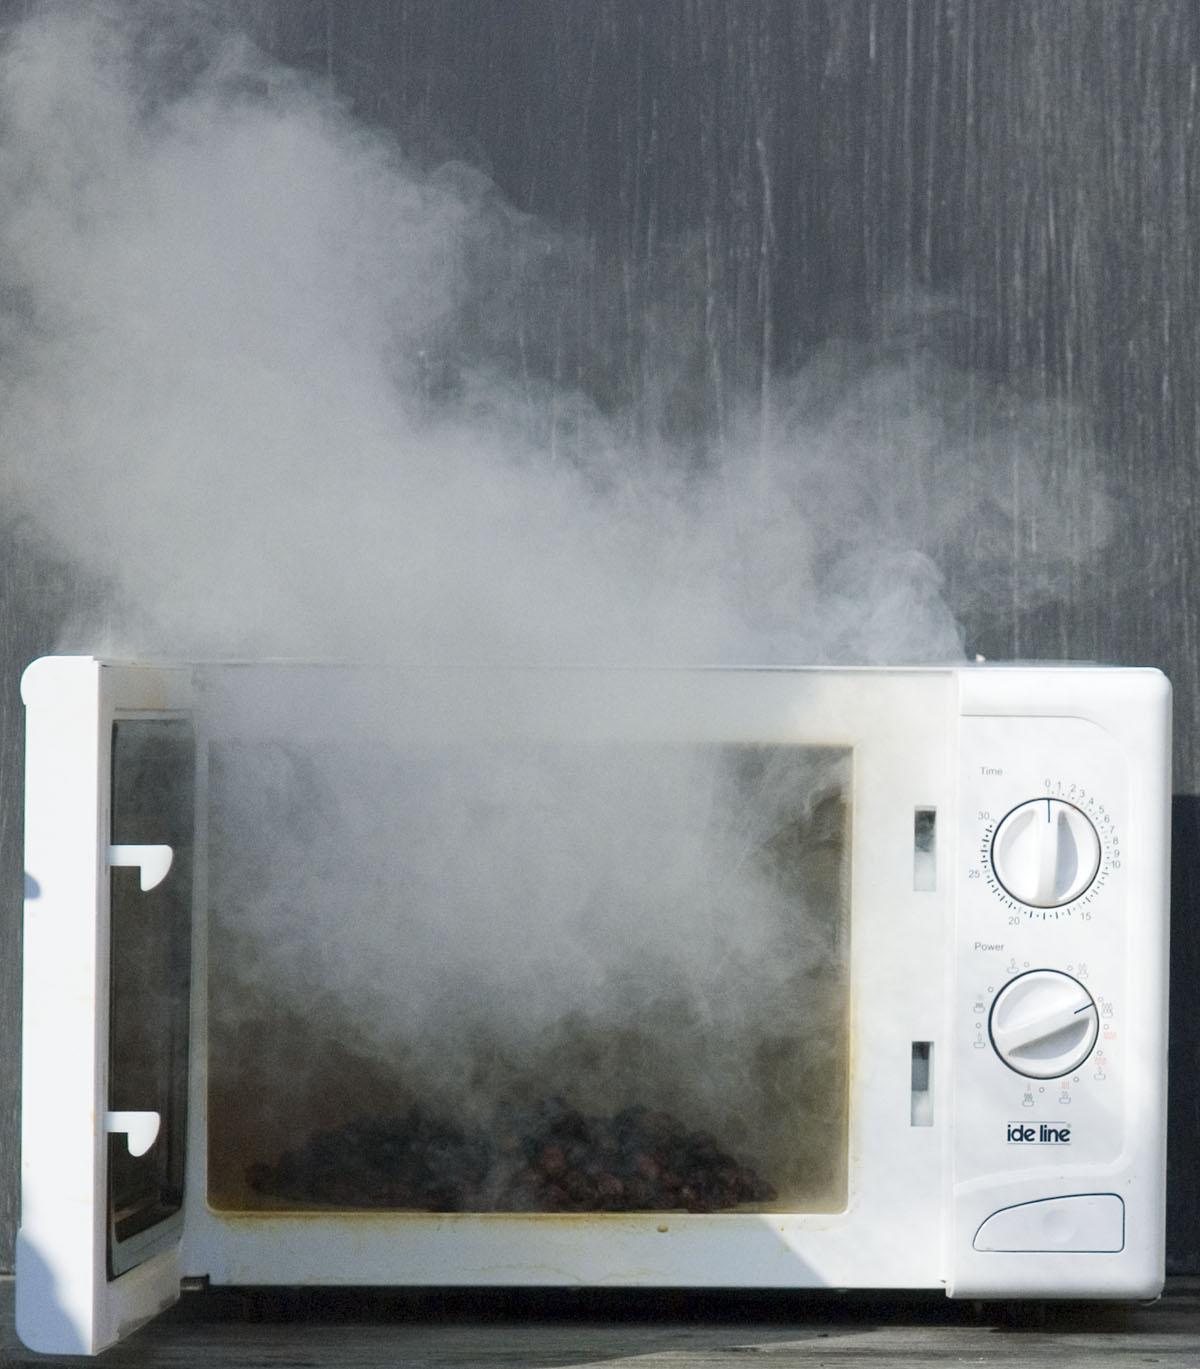 Szkodliwość kuchenki mikrofalowej – prawda czyfałsz?